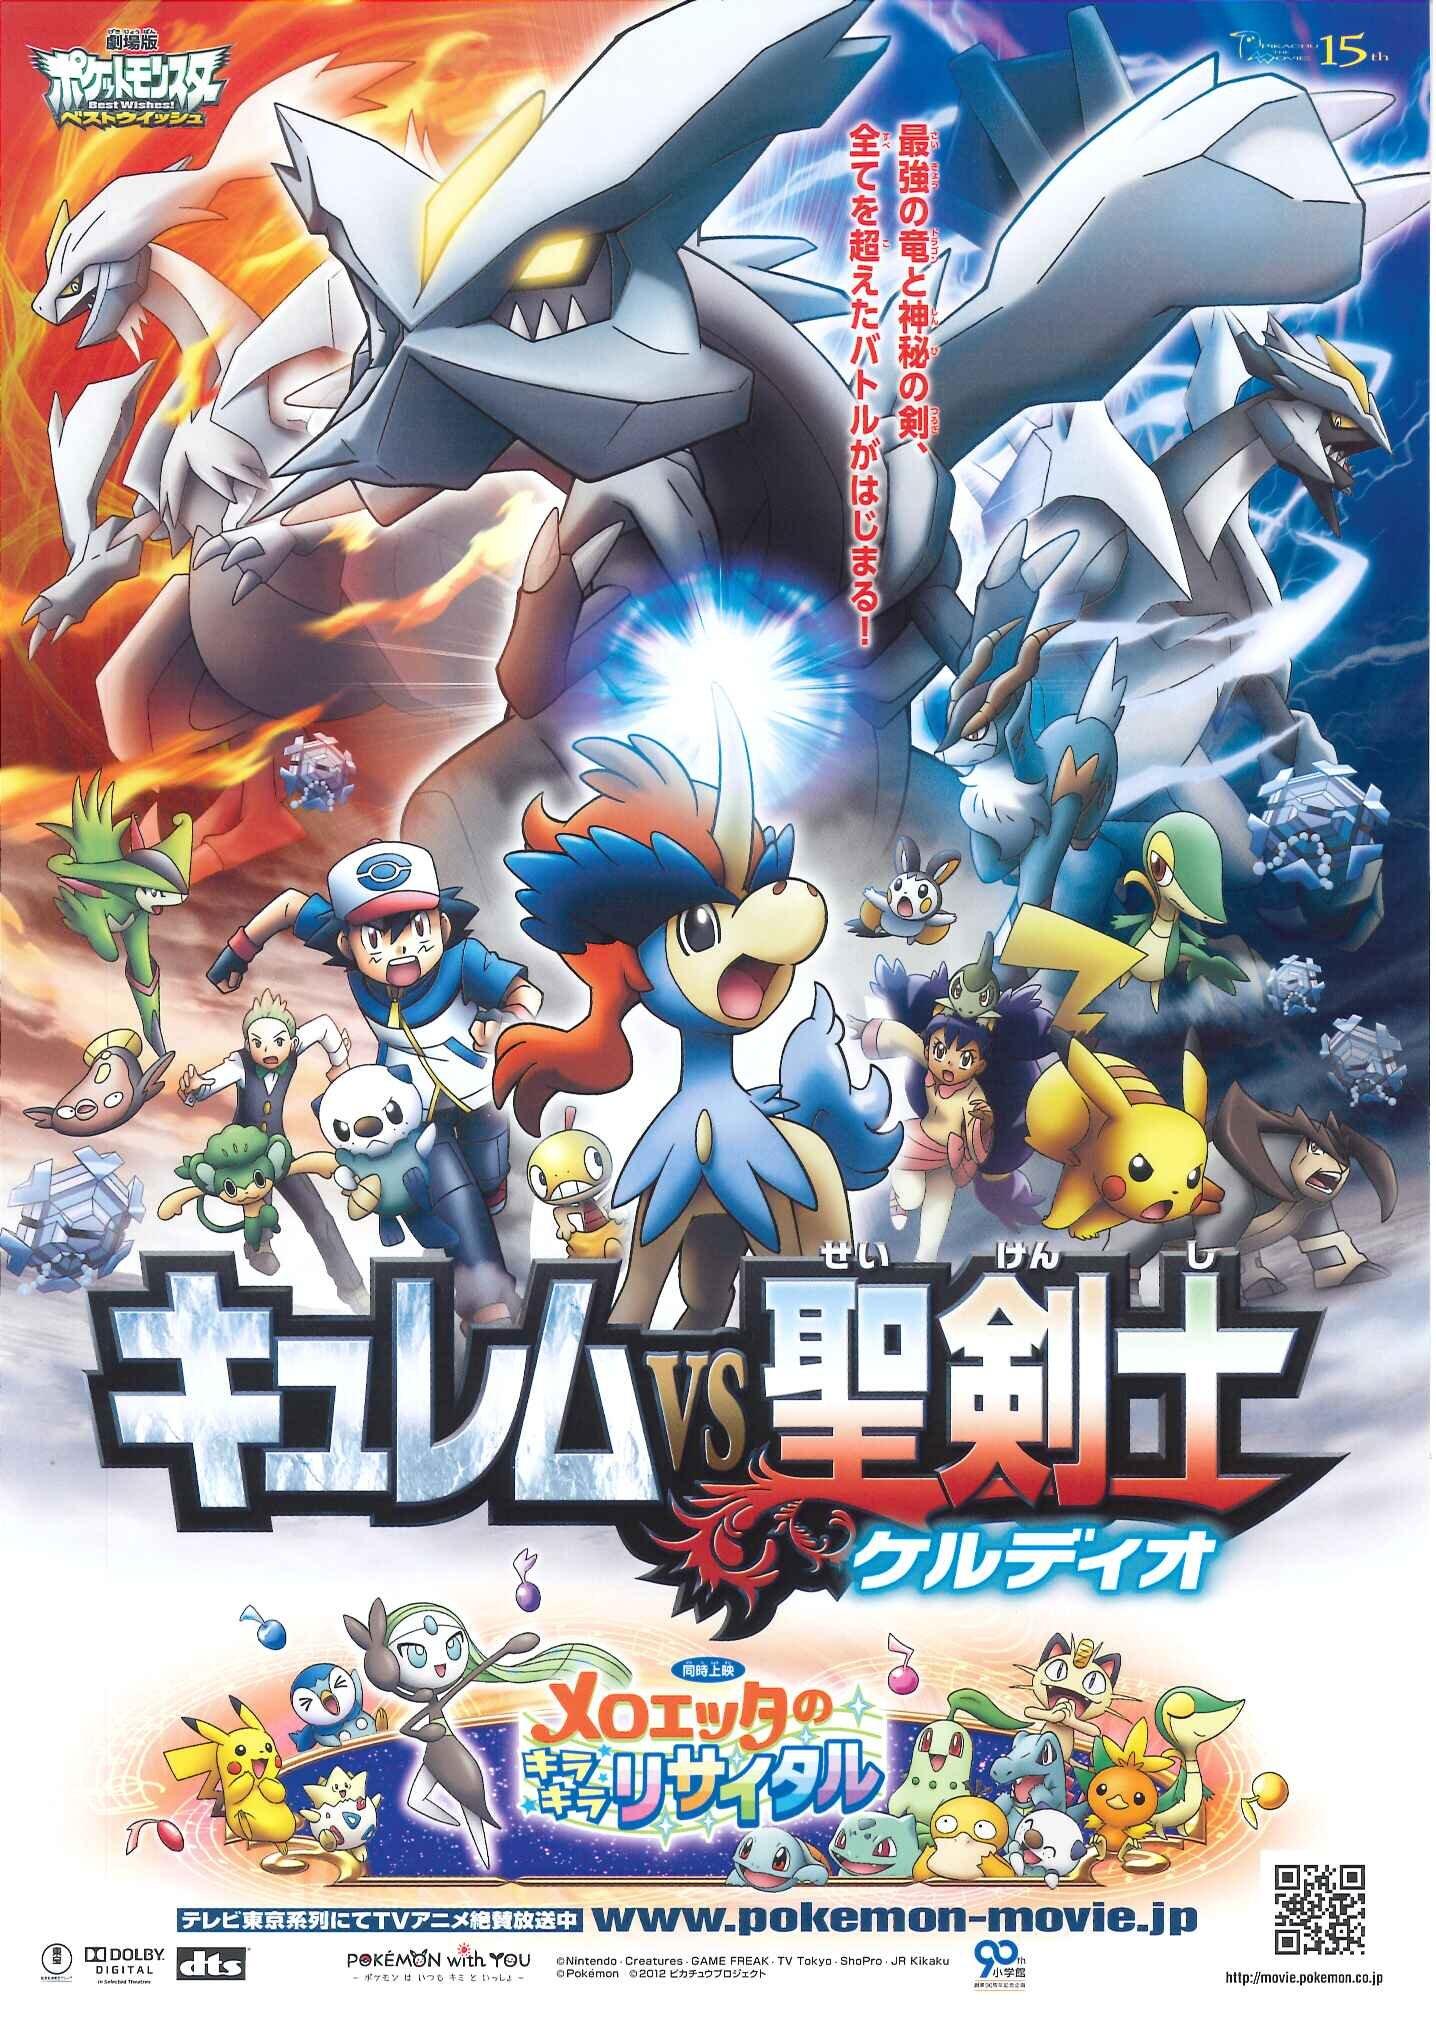 Kyurem VS The Sacred Swordsman Keldeo - Poster by MotherGarchomp622